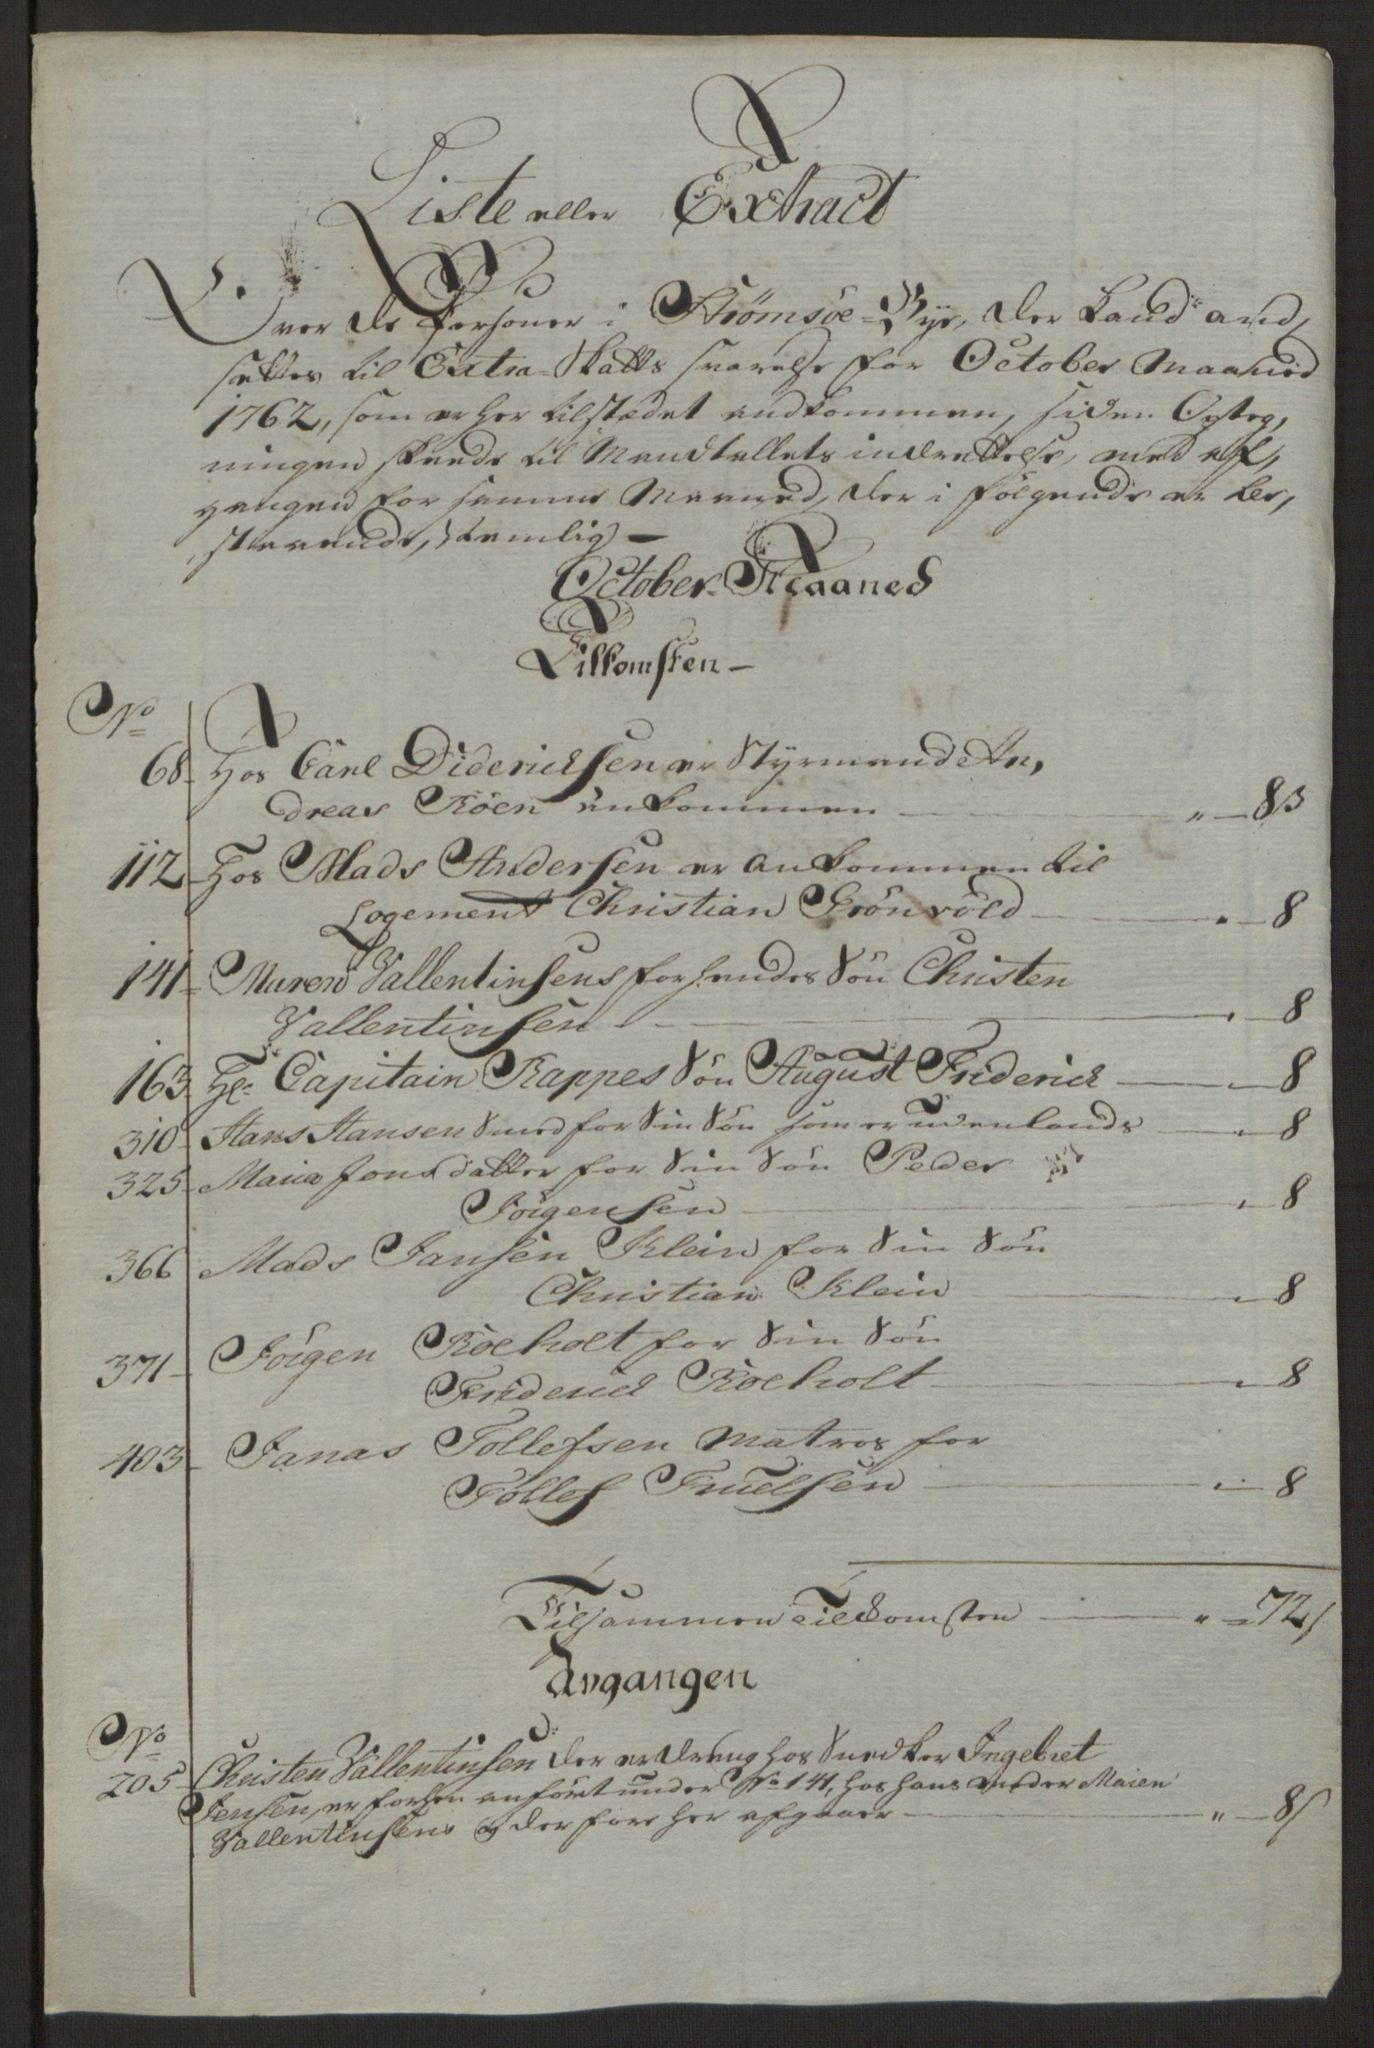 RA, Rentekammeret inntil 1814, Reviderte regnskaper, Byregnskaper, R/Rg/L0144: [G4] Kontribusjonsregnskap, 1762-1767, s. 47